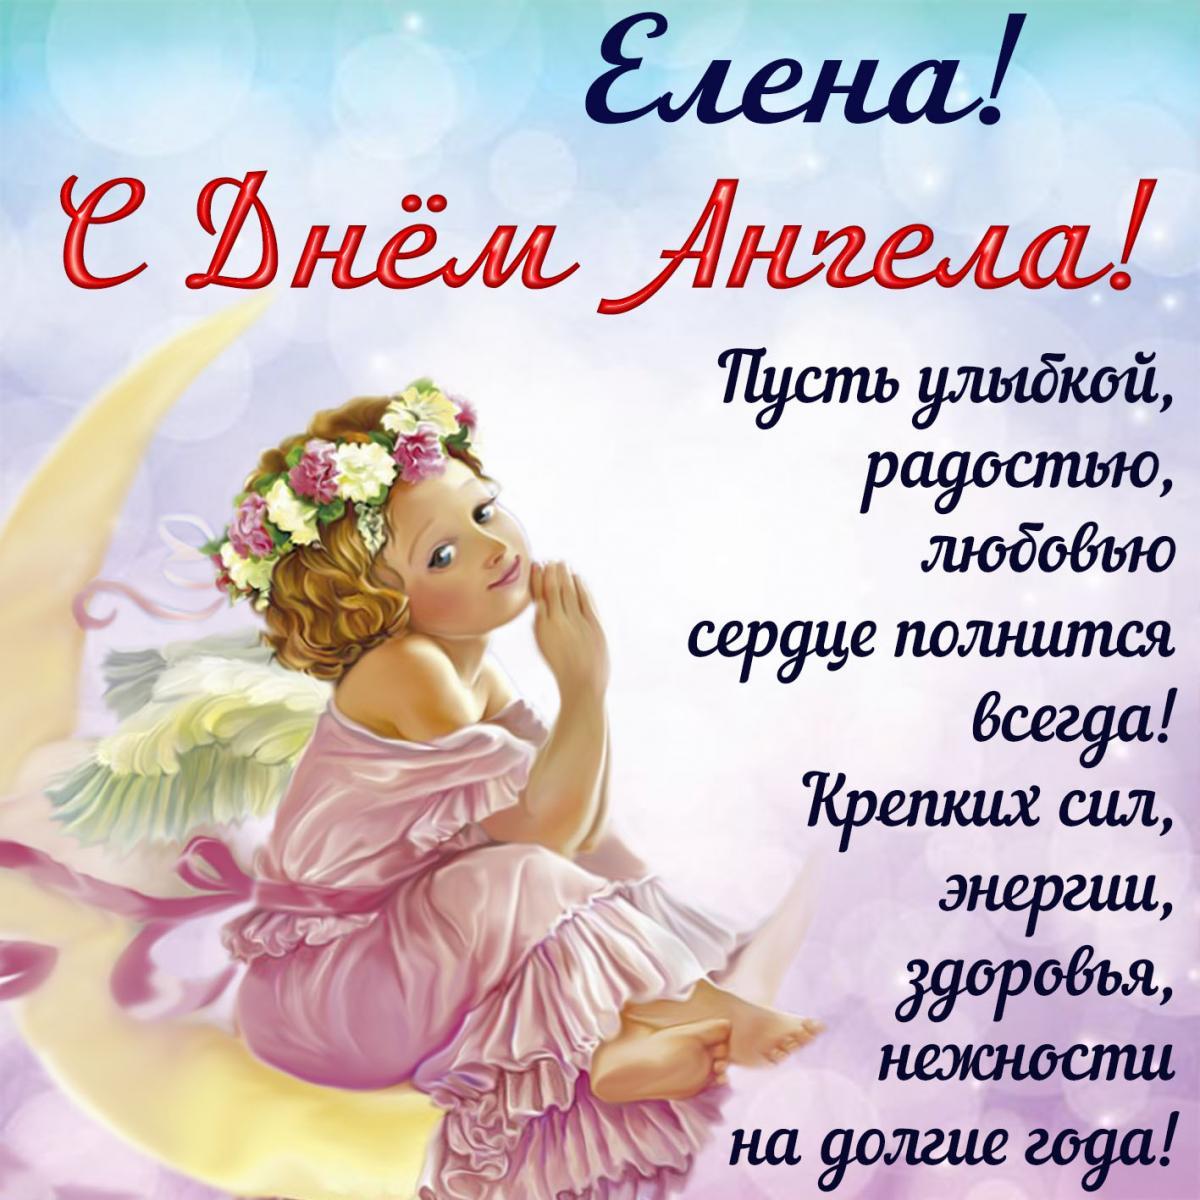 день ангела Елены 2020/bonnycards.ru